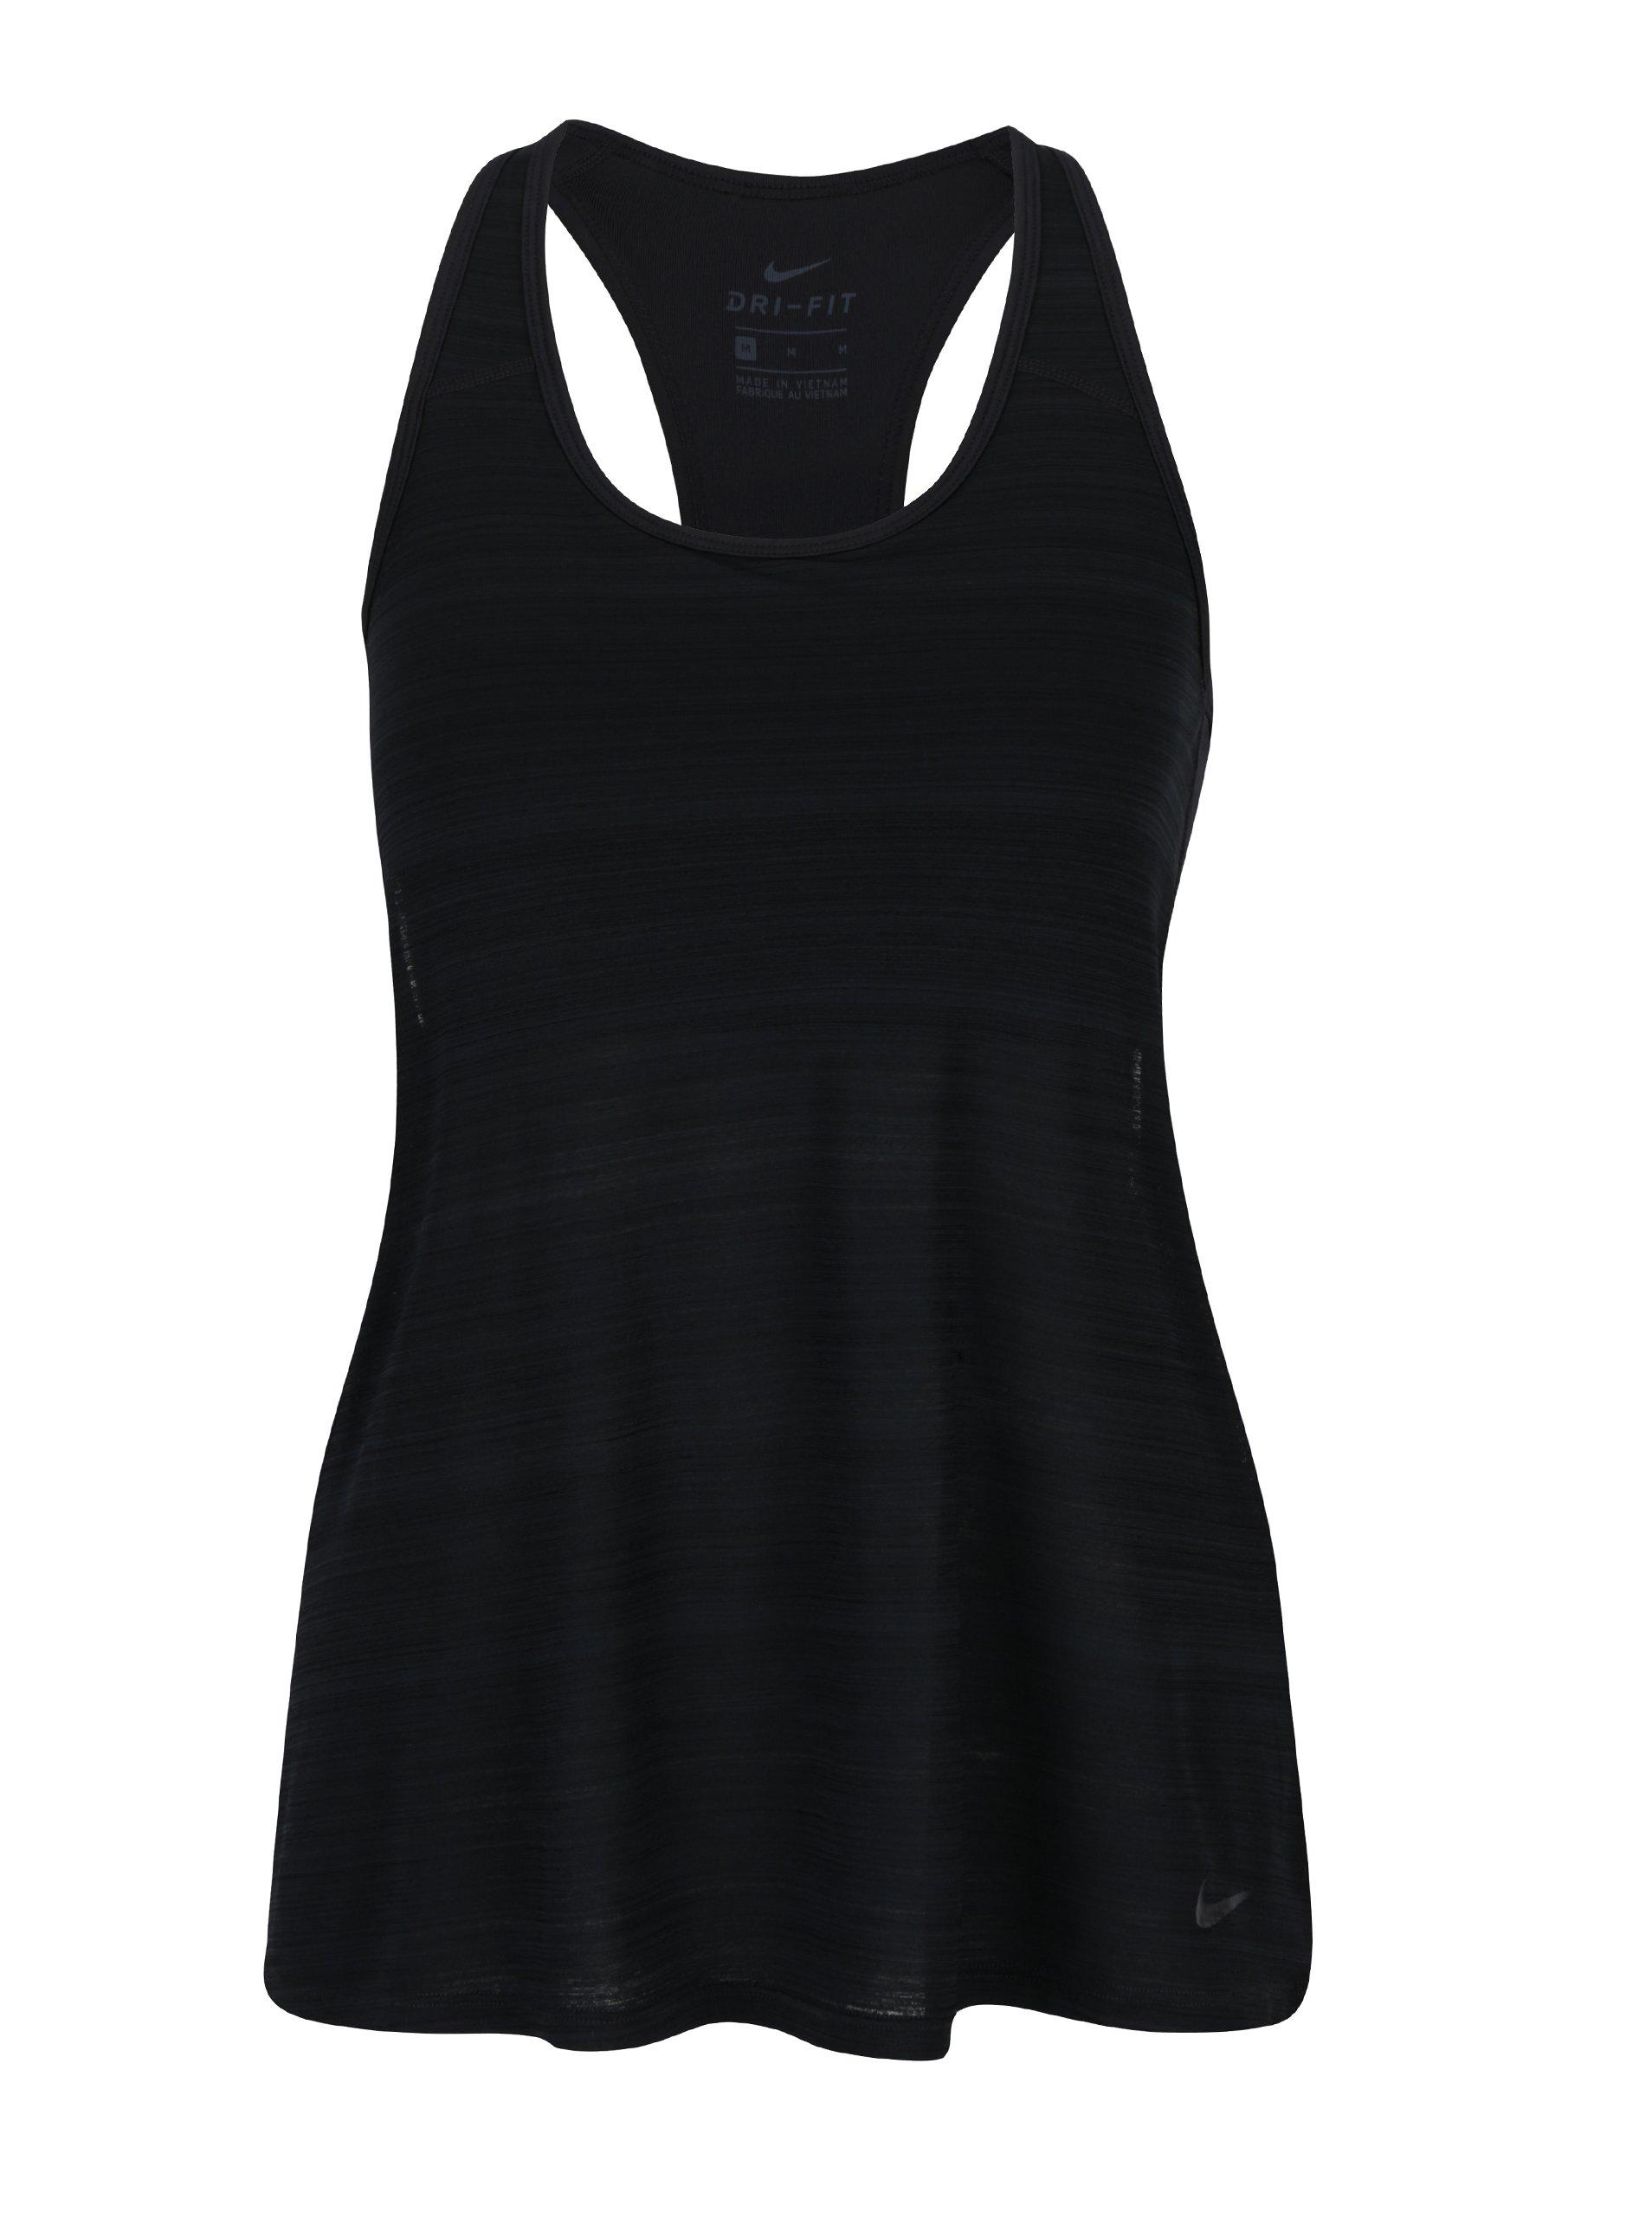 Černé dámské žíhané funkční tílko 2v1 Nike